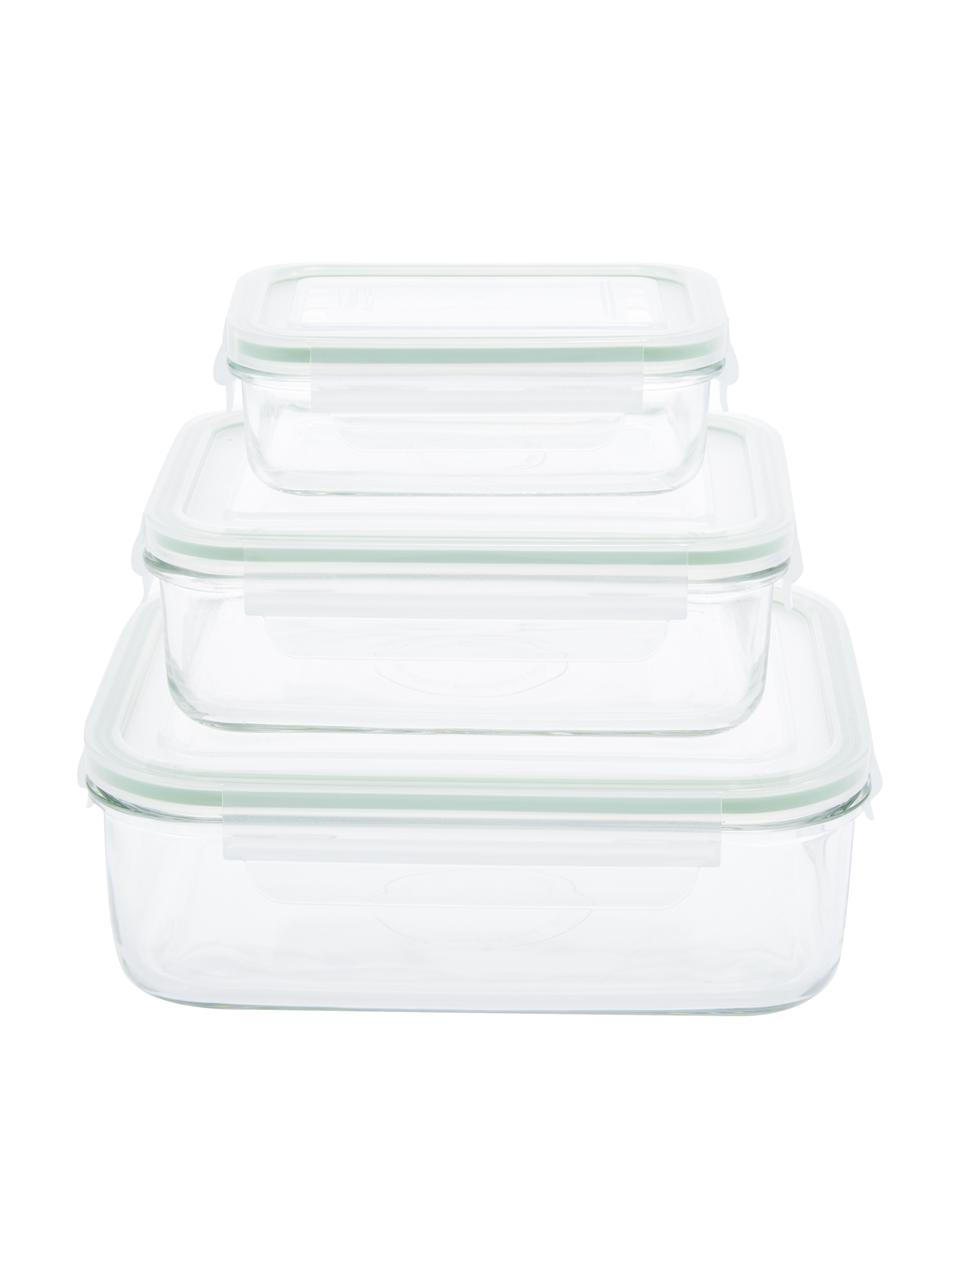 Vershoudbakjesset Alma, 3-delig, Houder: gehard glas, vrij van ver, Seal: polypropyleen, Sluiting: siliconen, Transparant, lichtgroen, Set met verschillende formaten